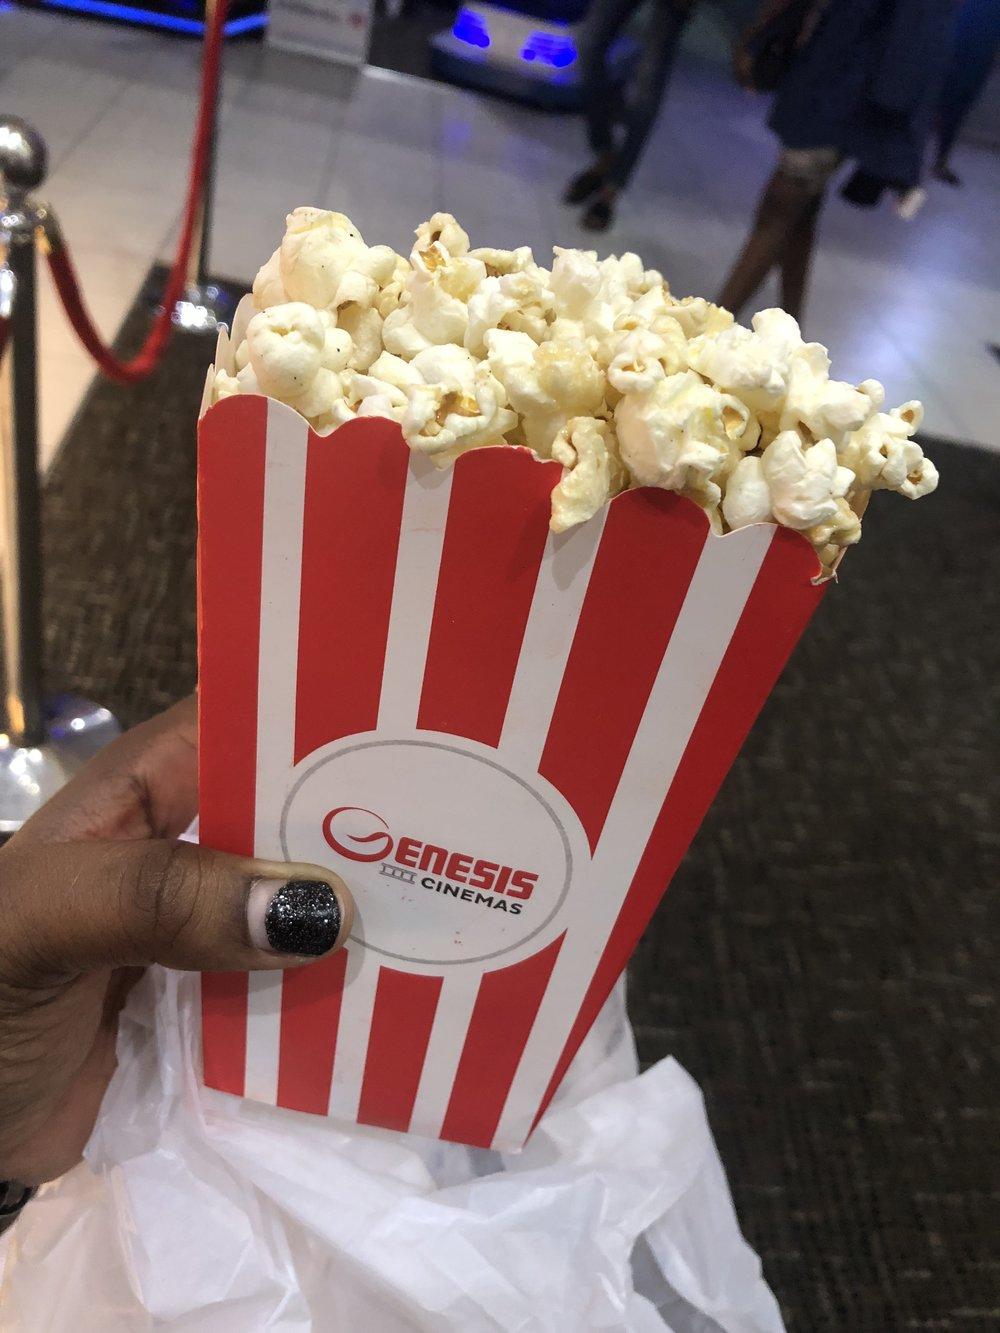 Genesis popcorn.JPG